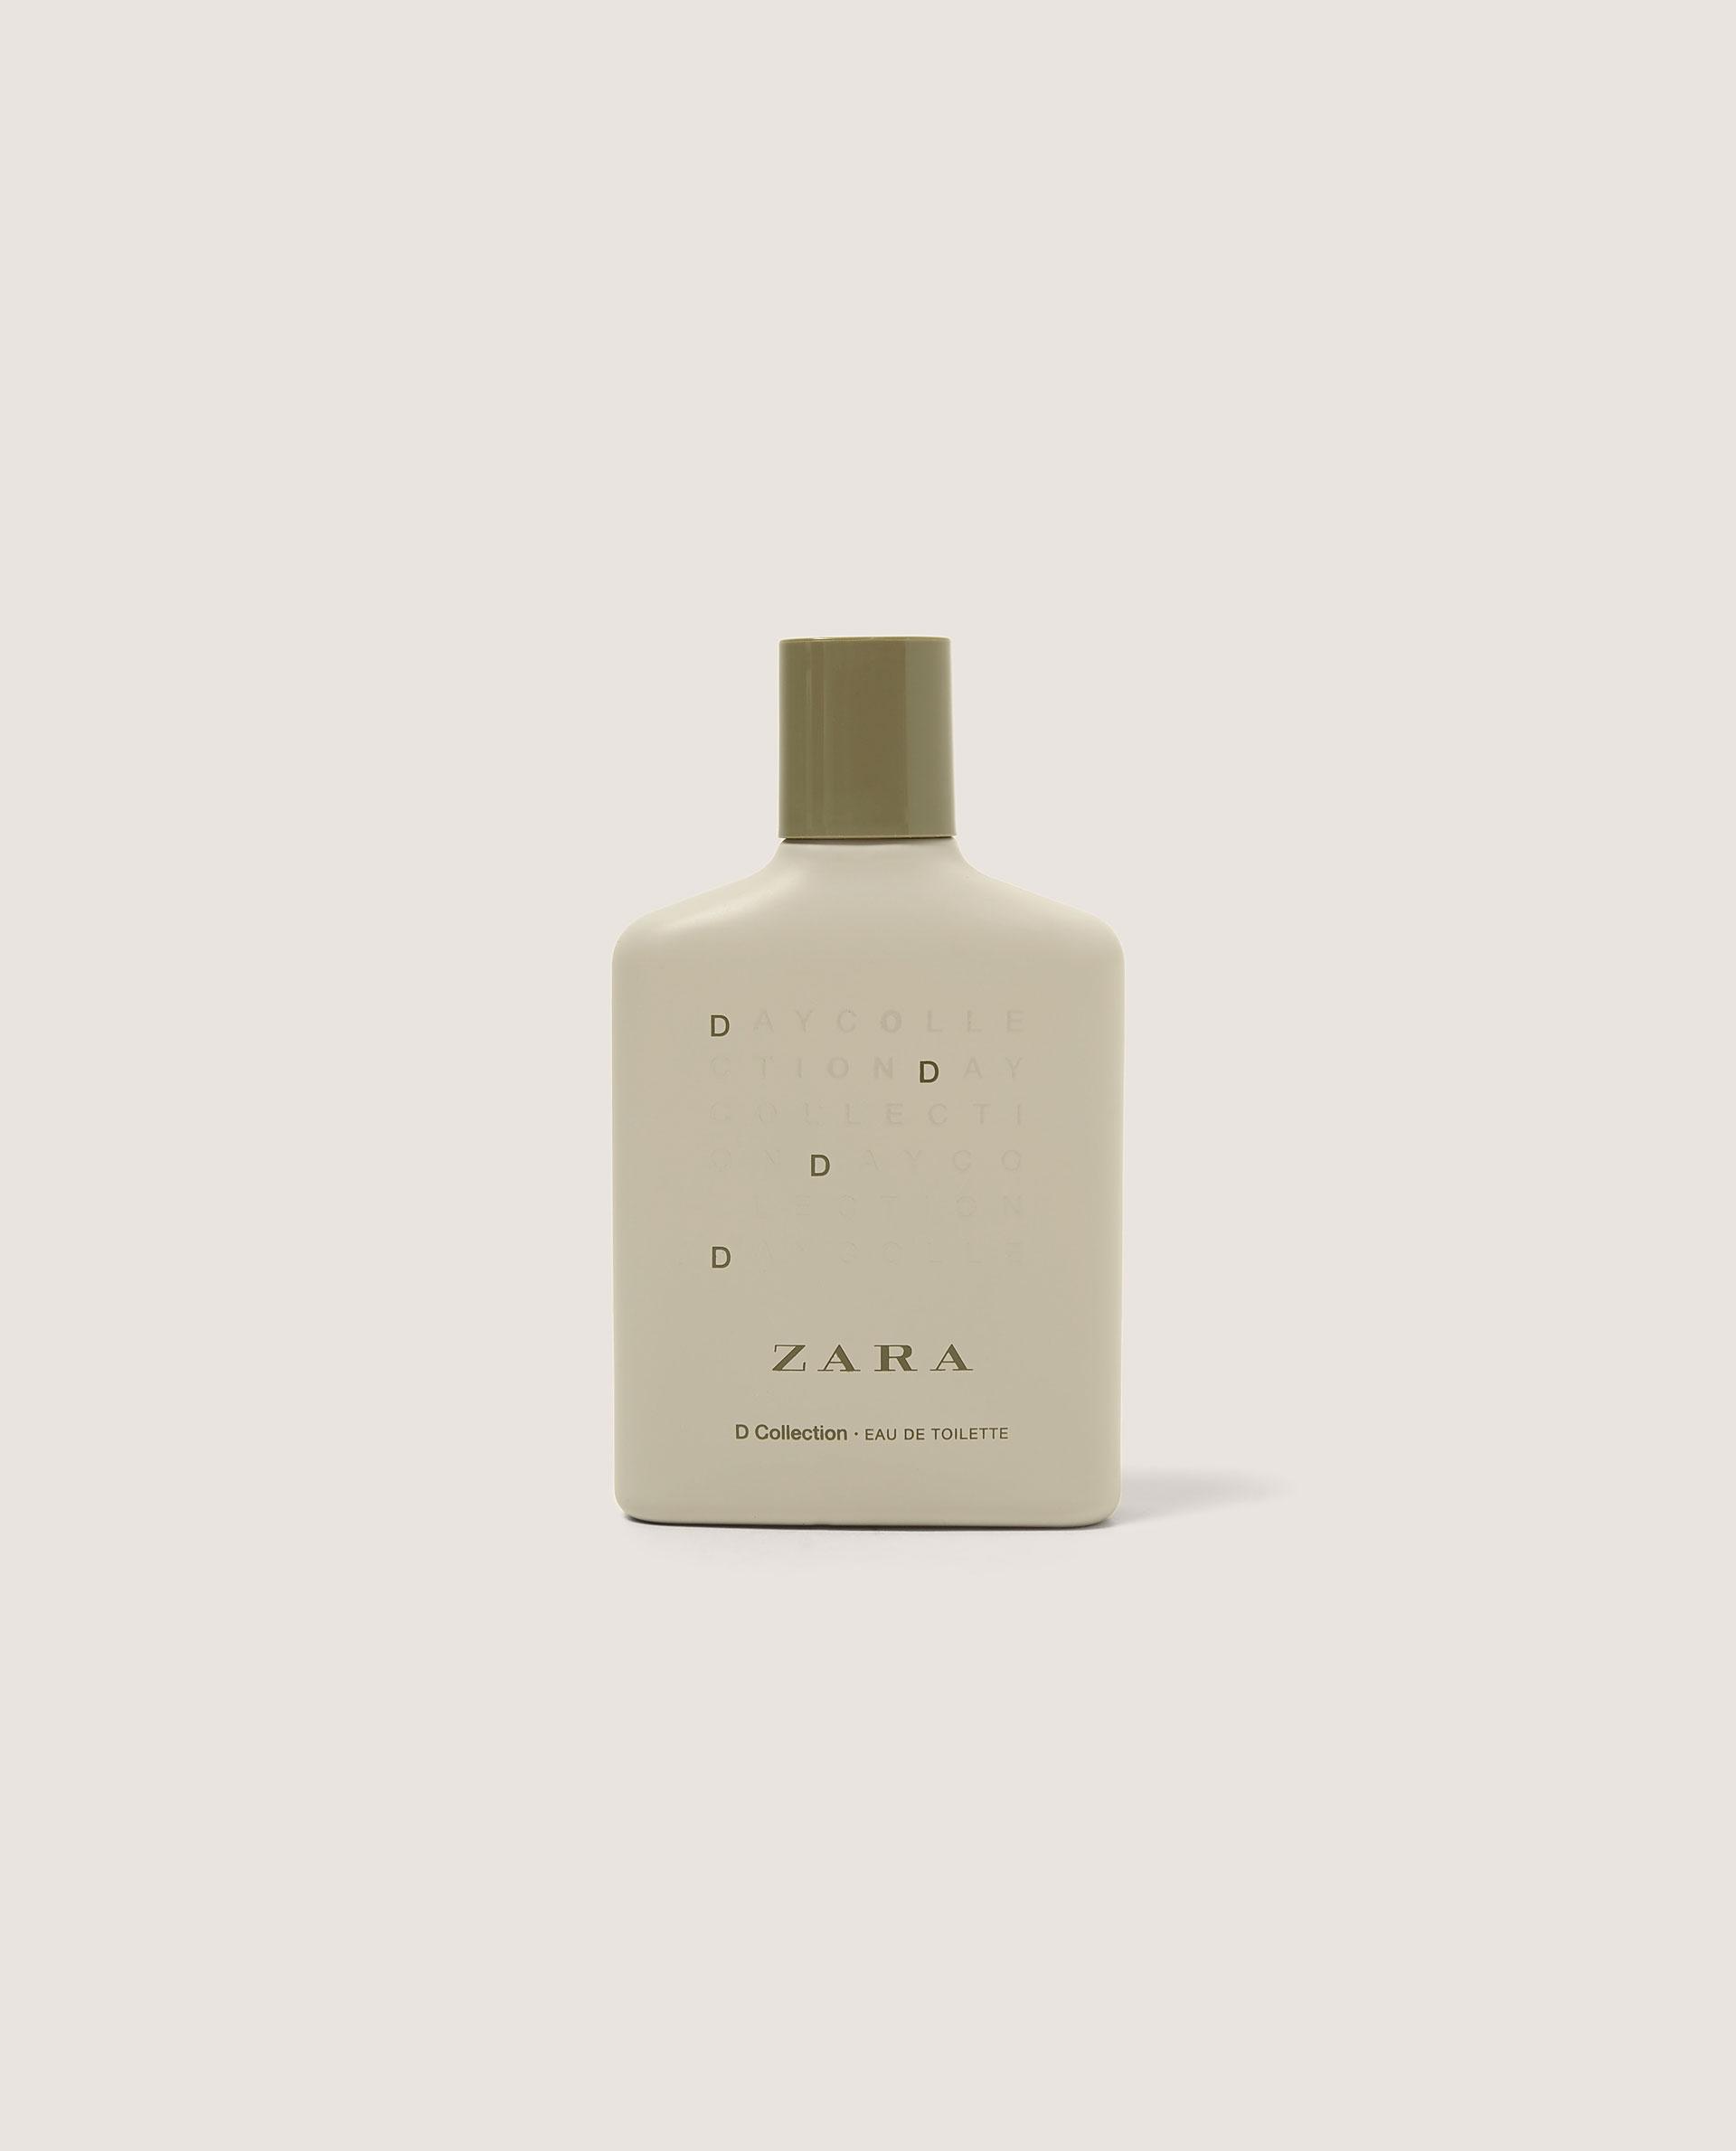 For Zara Men D Collection OPZkiuX